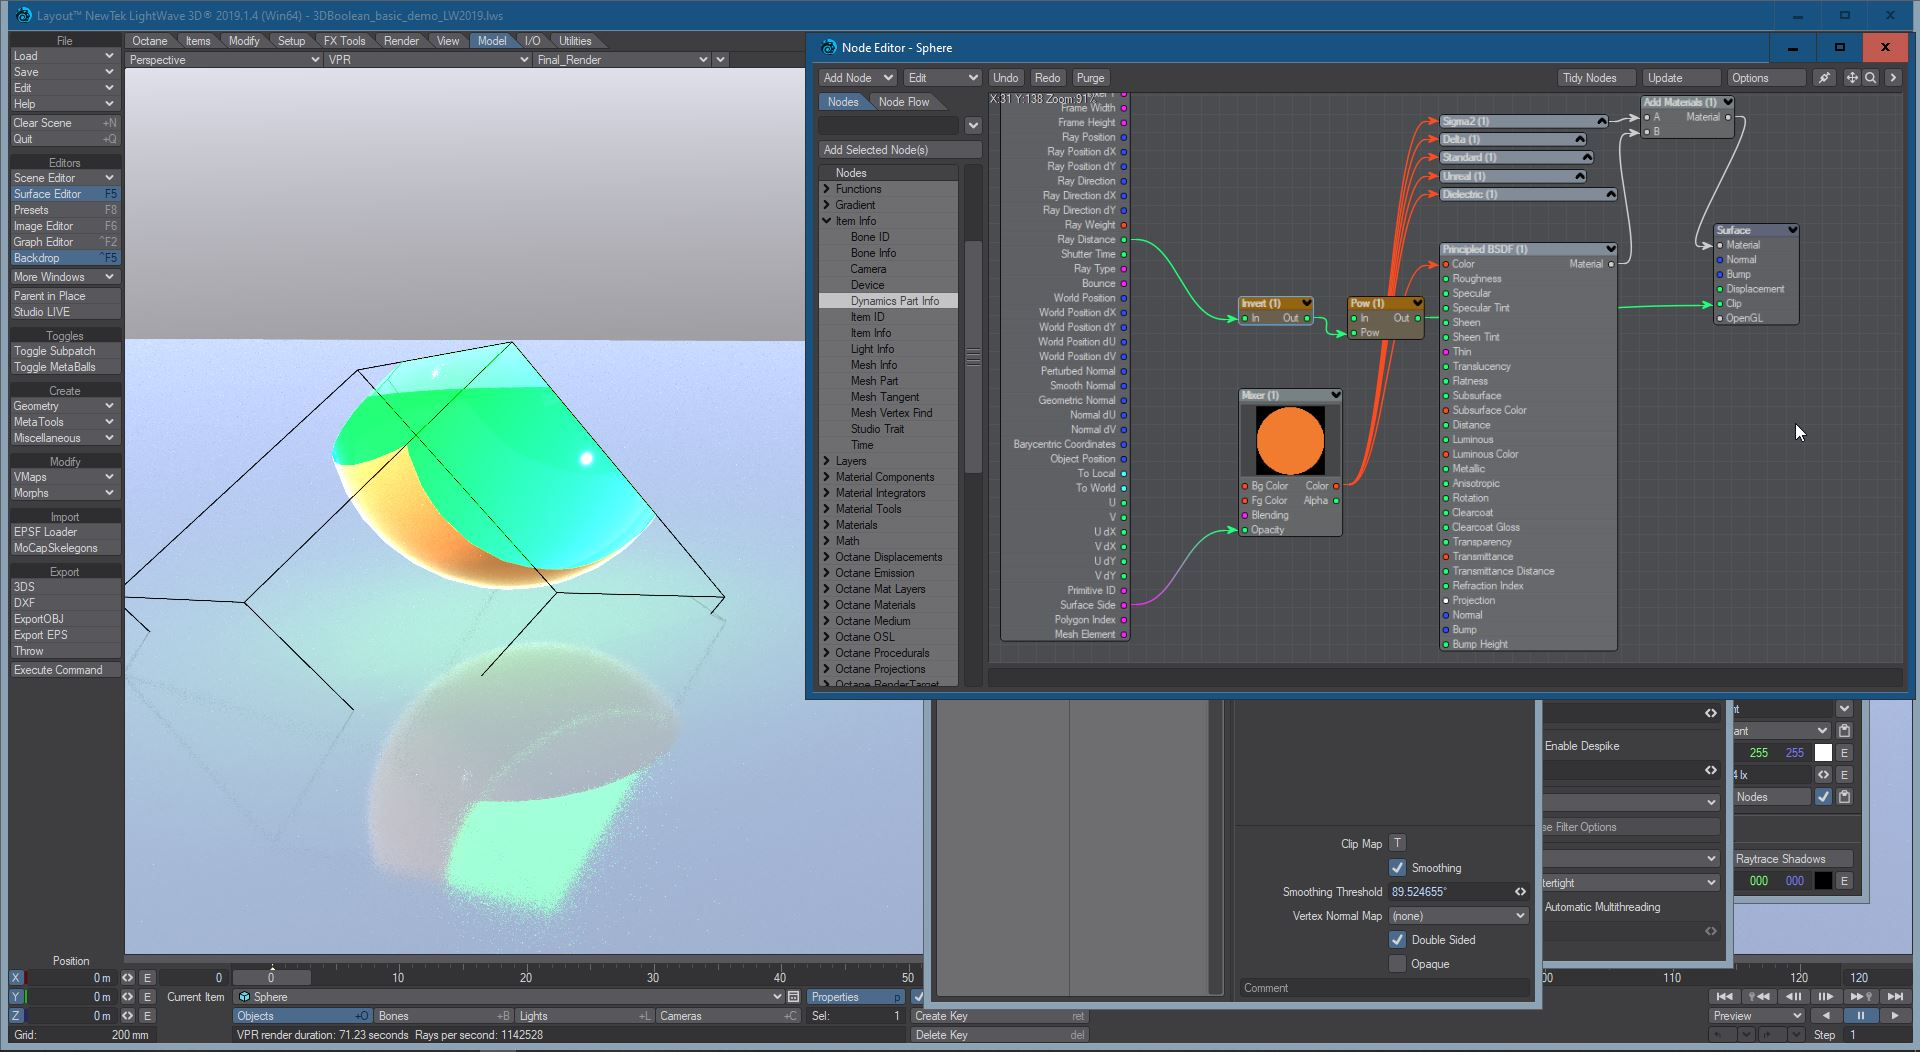 Nome: 2020-02-14 14_24_00-Layout™ NewTek LightWave 3D® 2019.1.4 (Win64) - 3DBoolean_basic_demo_LW2019..jpg Visite: 165 Dimensione: 240.9 KB